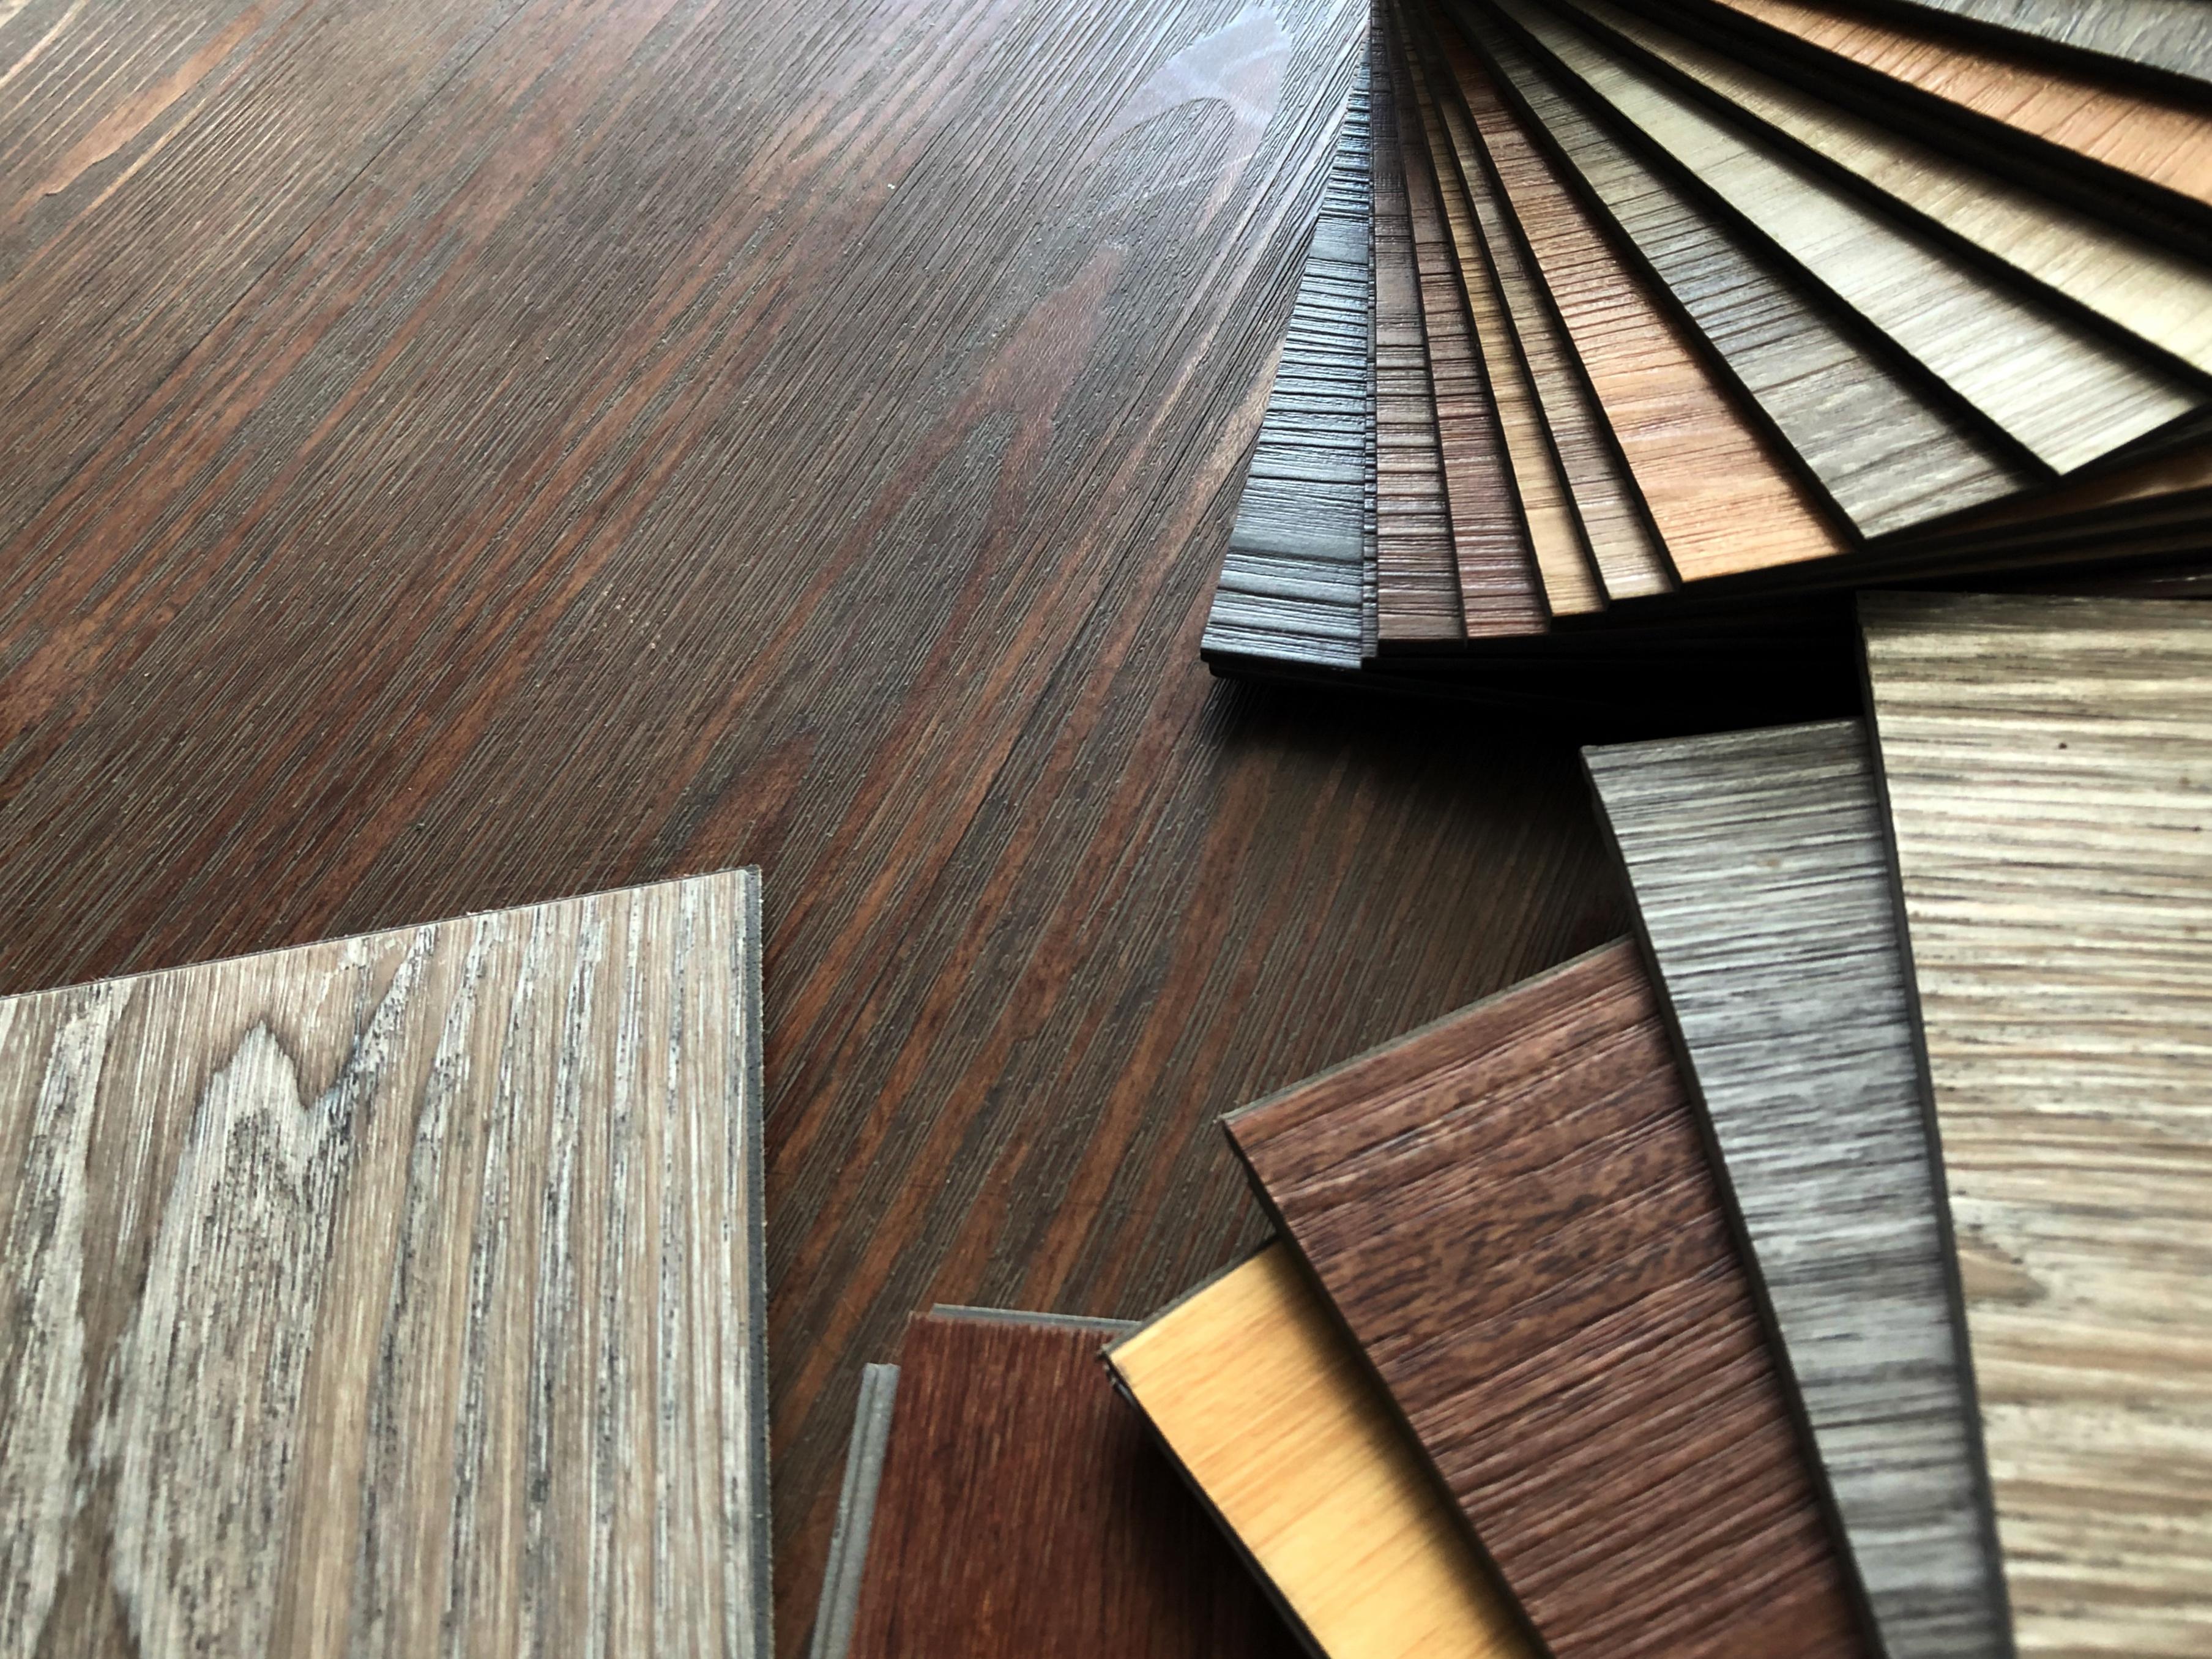 Luxury flooring materials